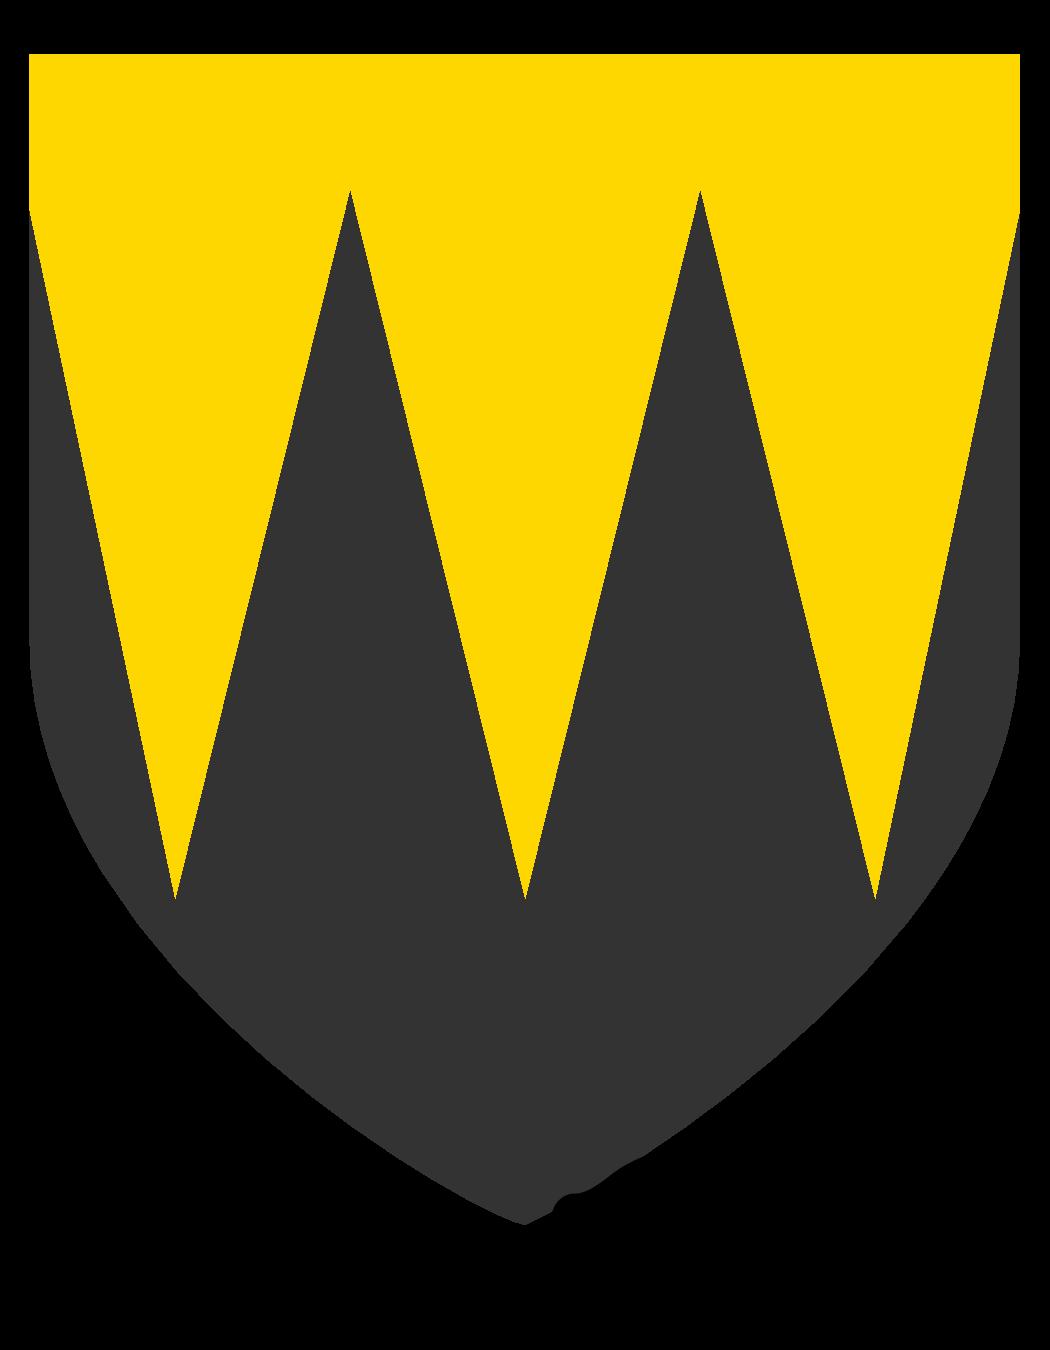 coat_of_arms_Sir_Edgard_of_Esternay.png